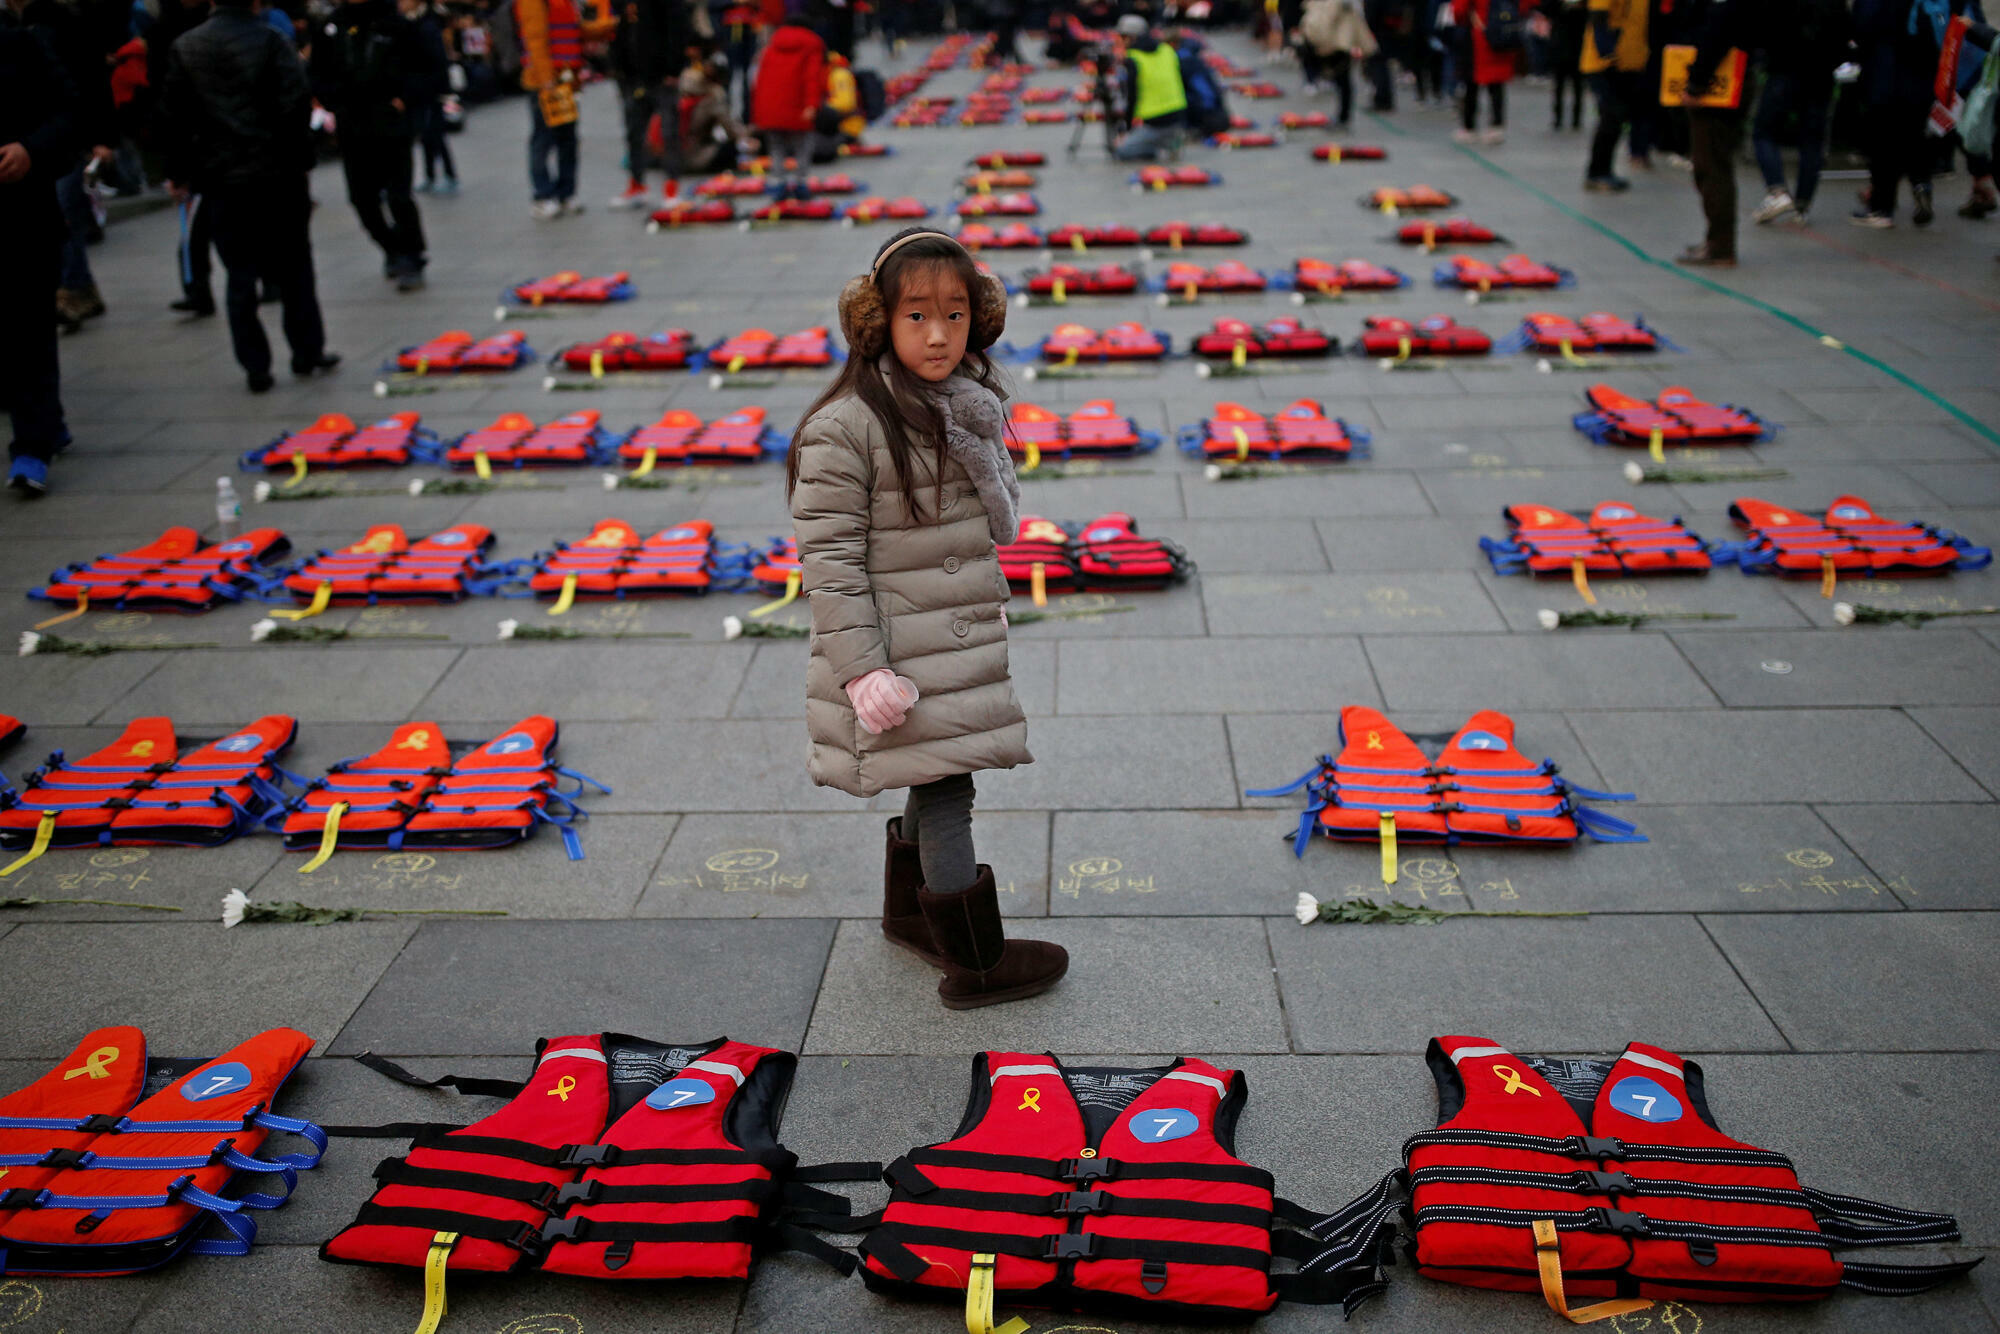 Une jeune fille se tient entre les gilets de sauvetage symbolisant les 304 victimes pendant le naufrage du ferry  Sewol lors d'une manifestation exigeant la démission de Park Geun-hye à Séoul, en Corée du Sud 17 décembre 2016.